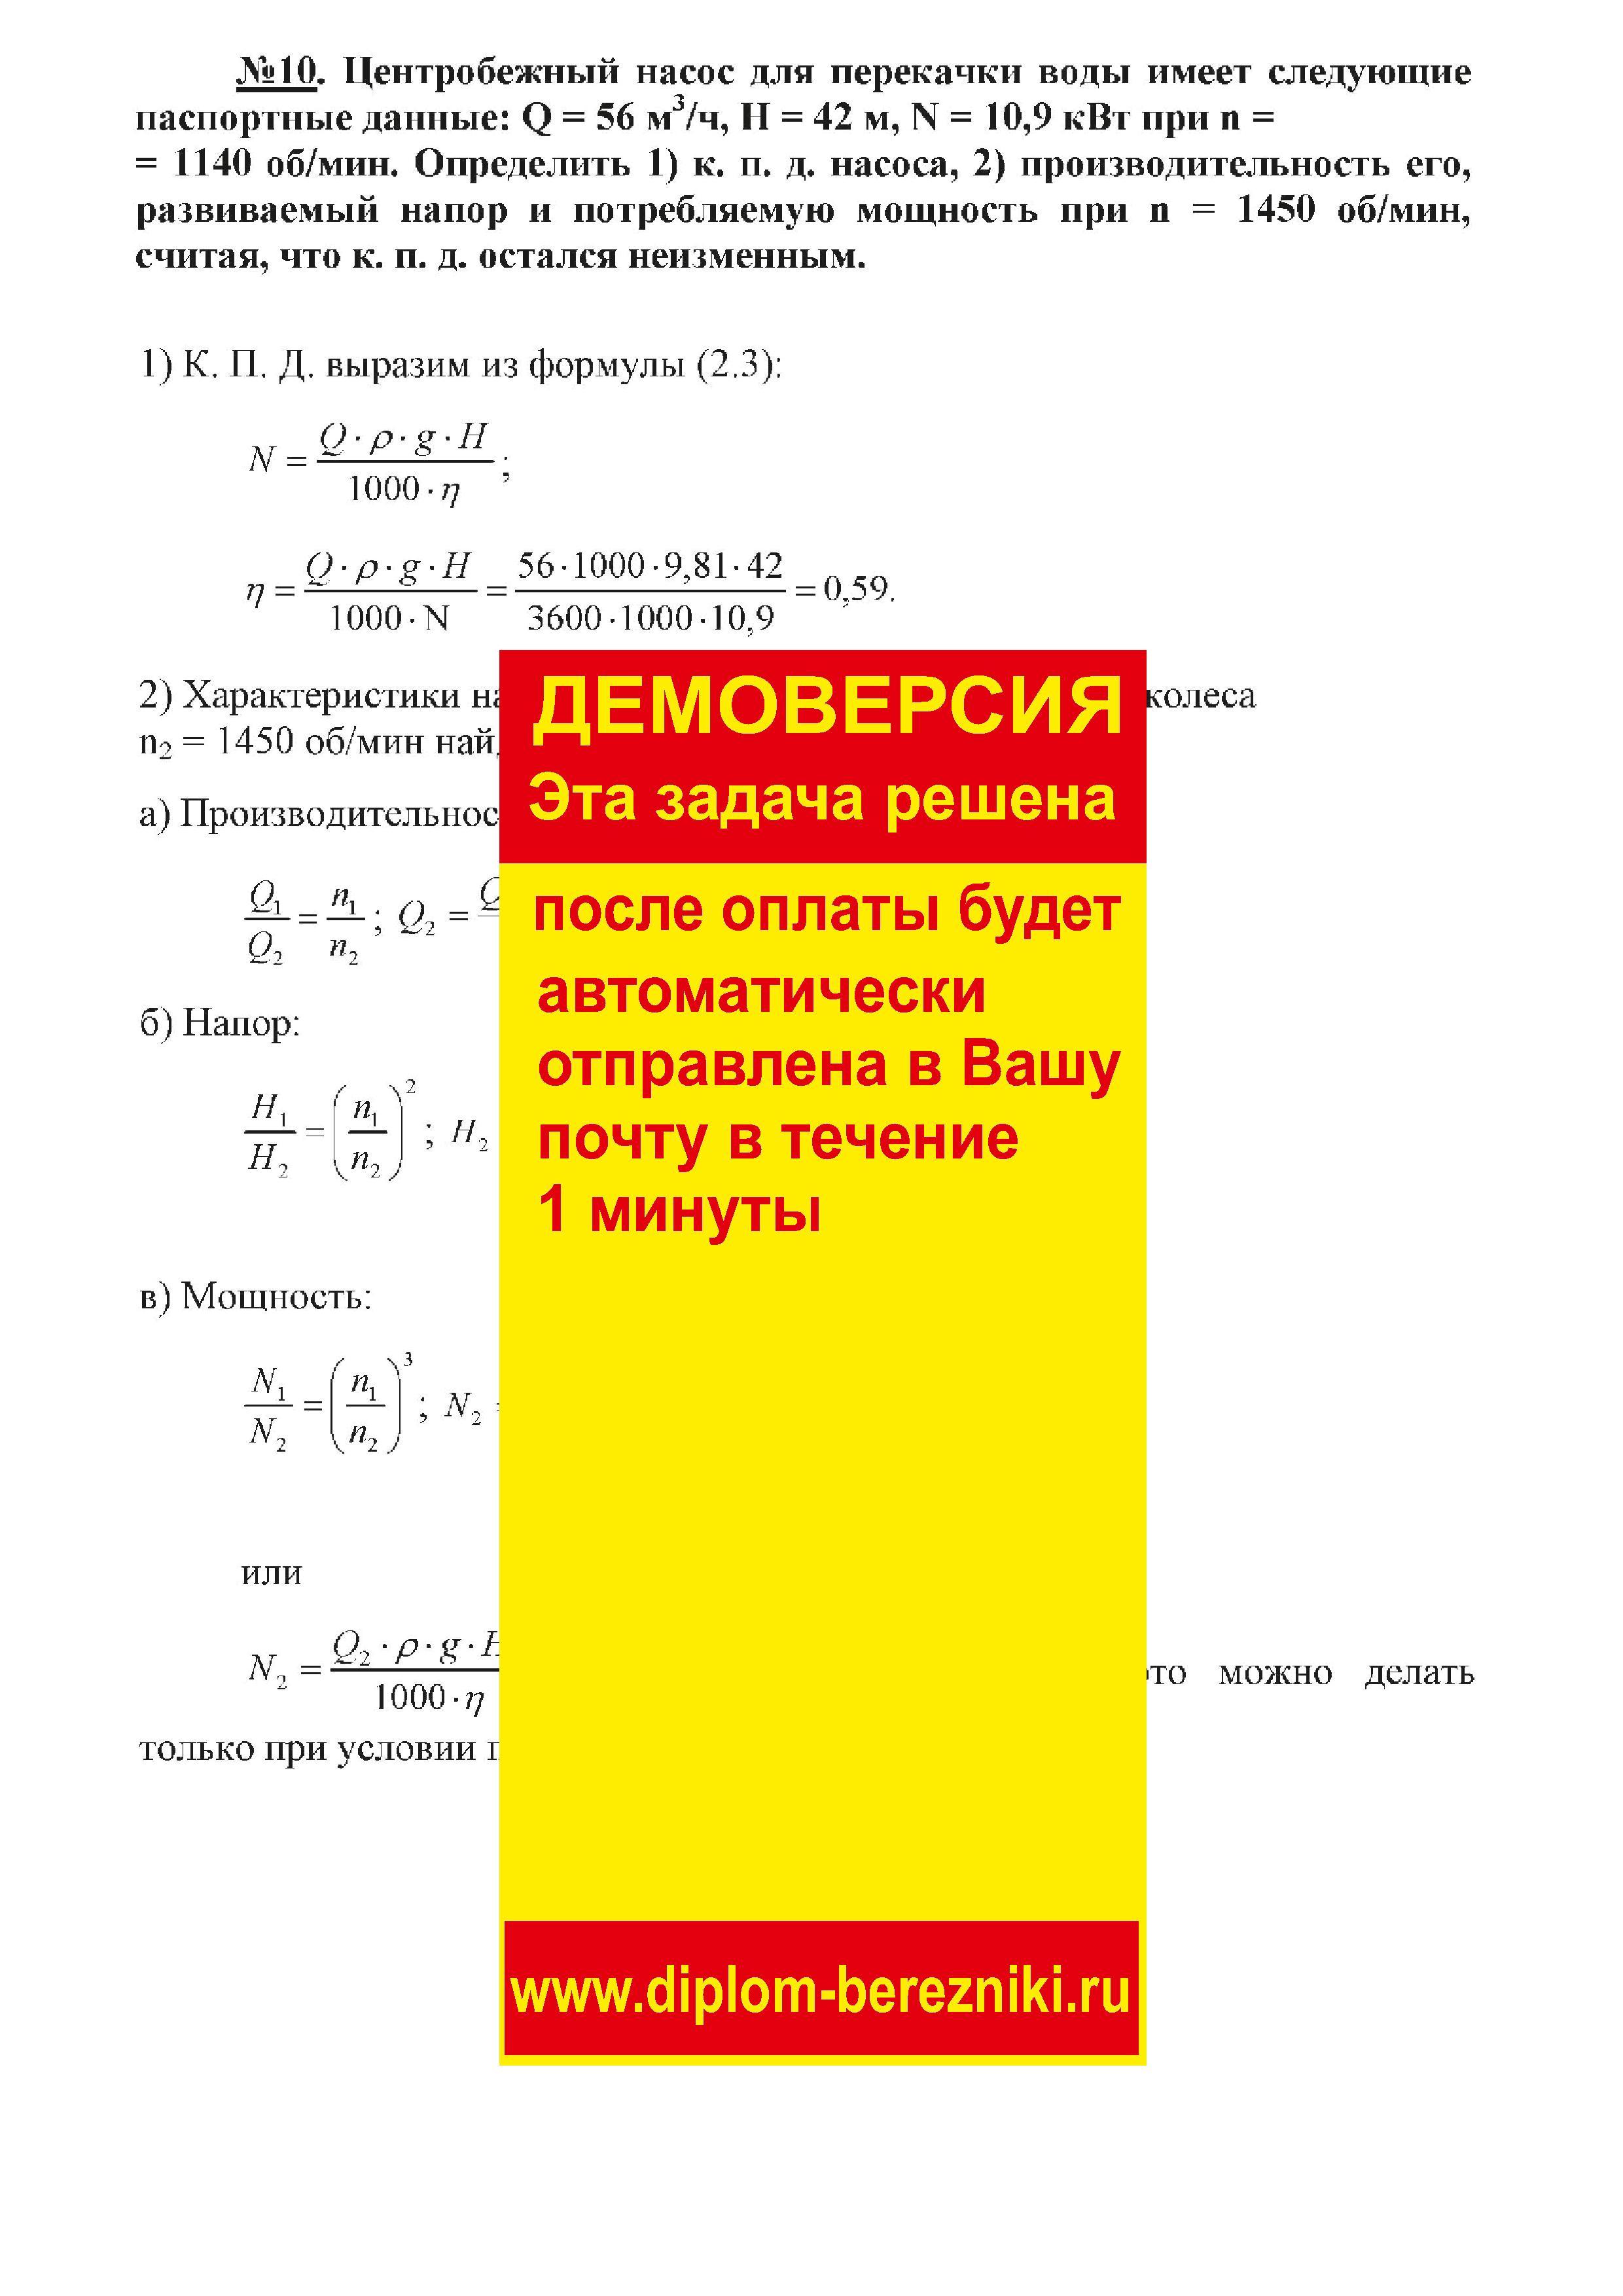 Решение задачи 2.10 по ПАХТ из задачника Павлова Романкова Носкова